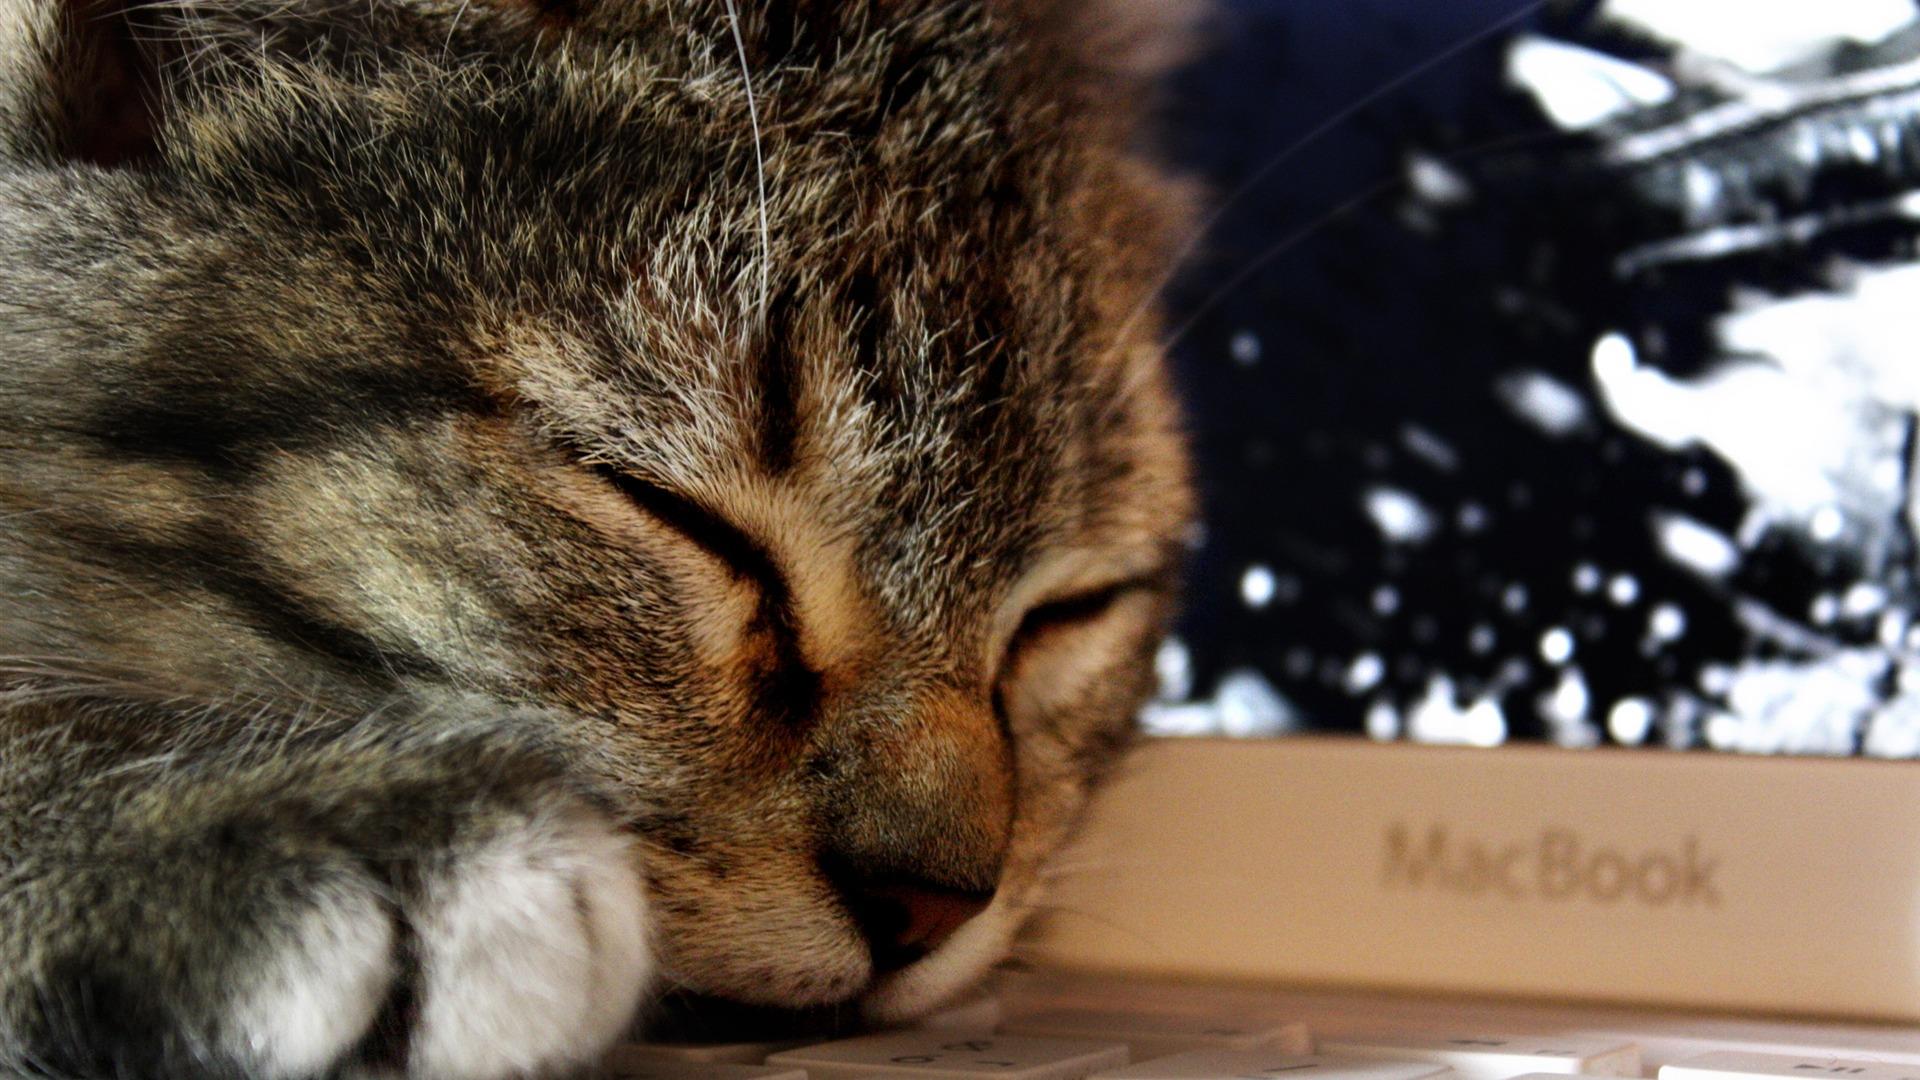 【猫】 ねこ! きれいな壁紙 【1920×1080】 : 【1920×1080】 猫の壁紙 【フルHD/cat ... Hd Wallpaper 1920 X 1080 Kittens